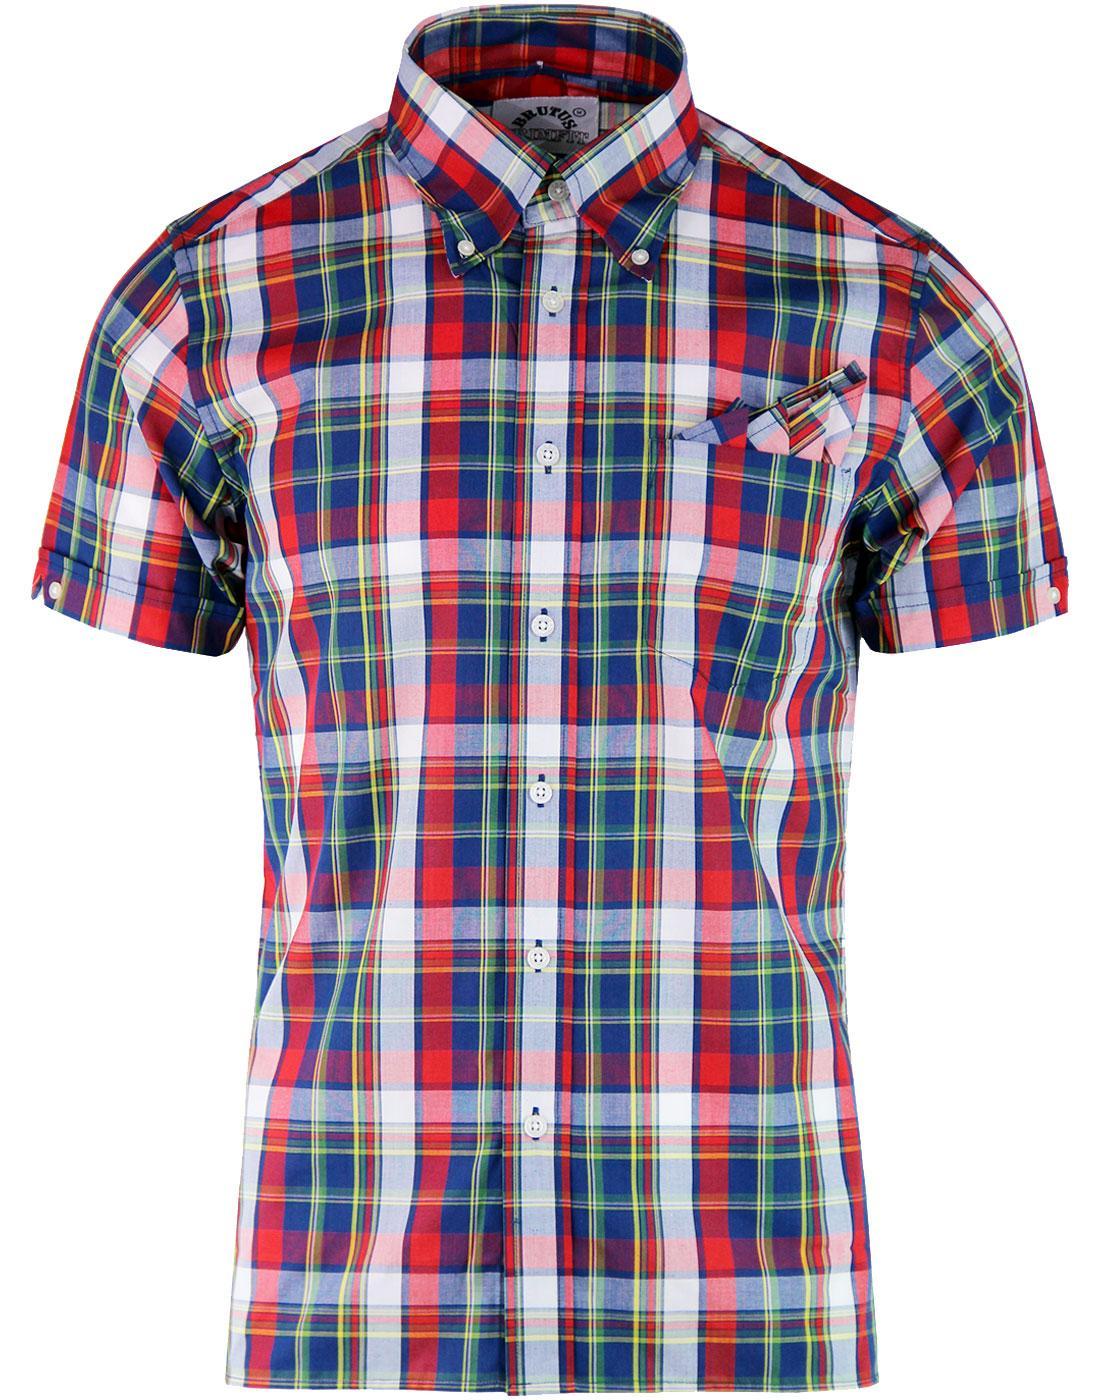 BRUTUS TRIMFIT Retro 60's Check Shirt - Red Madras